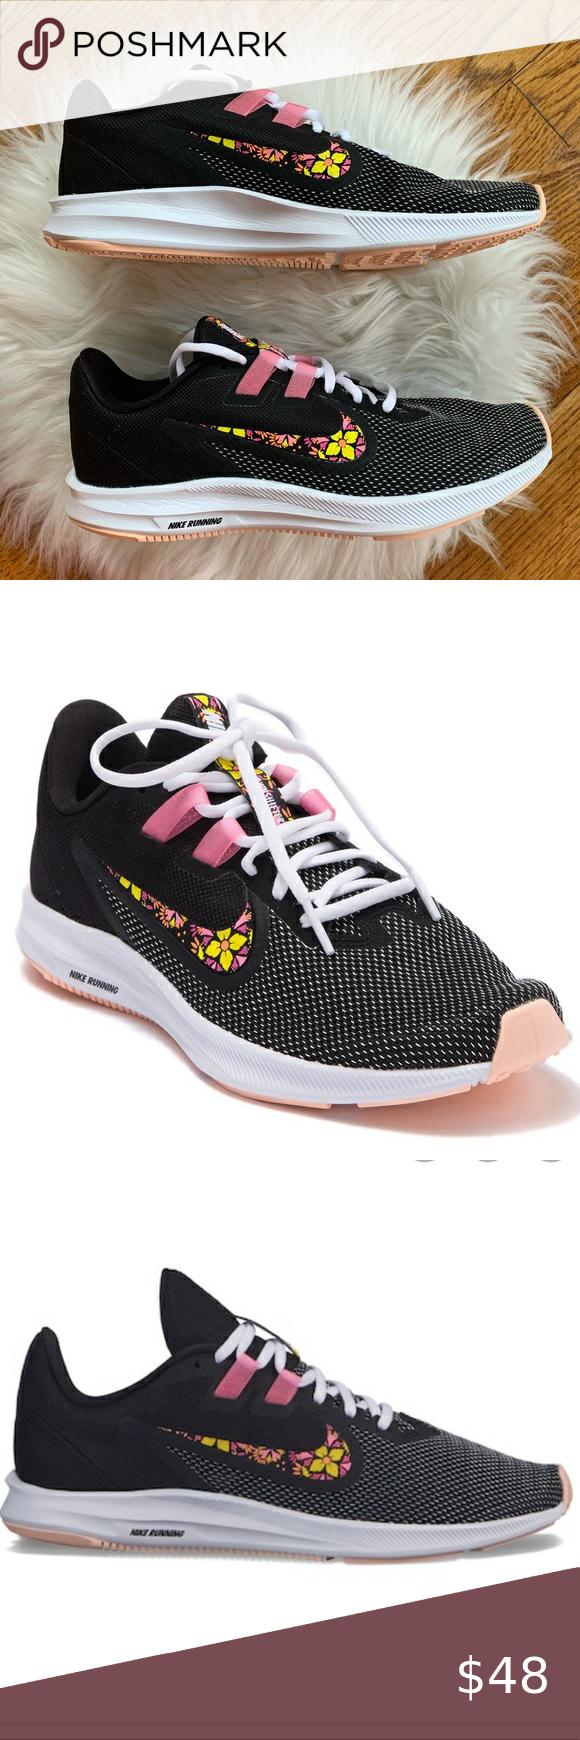 NWOT Nike Downshifter 9 woman running